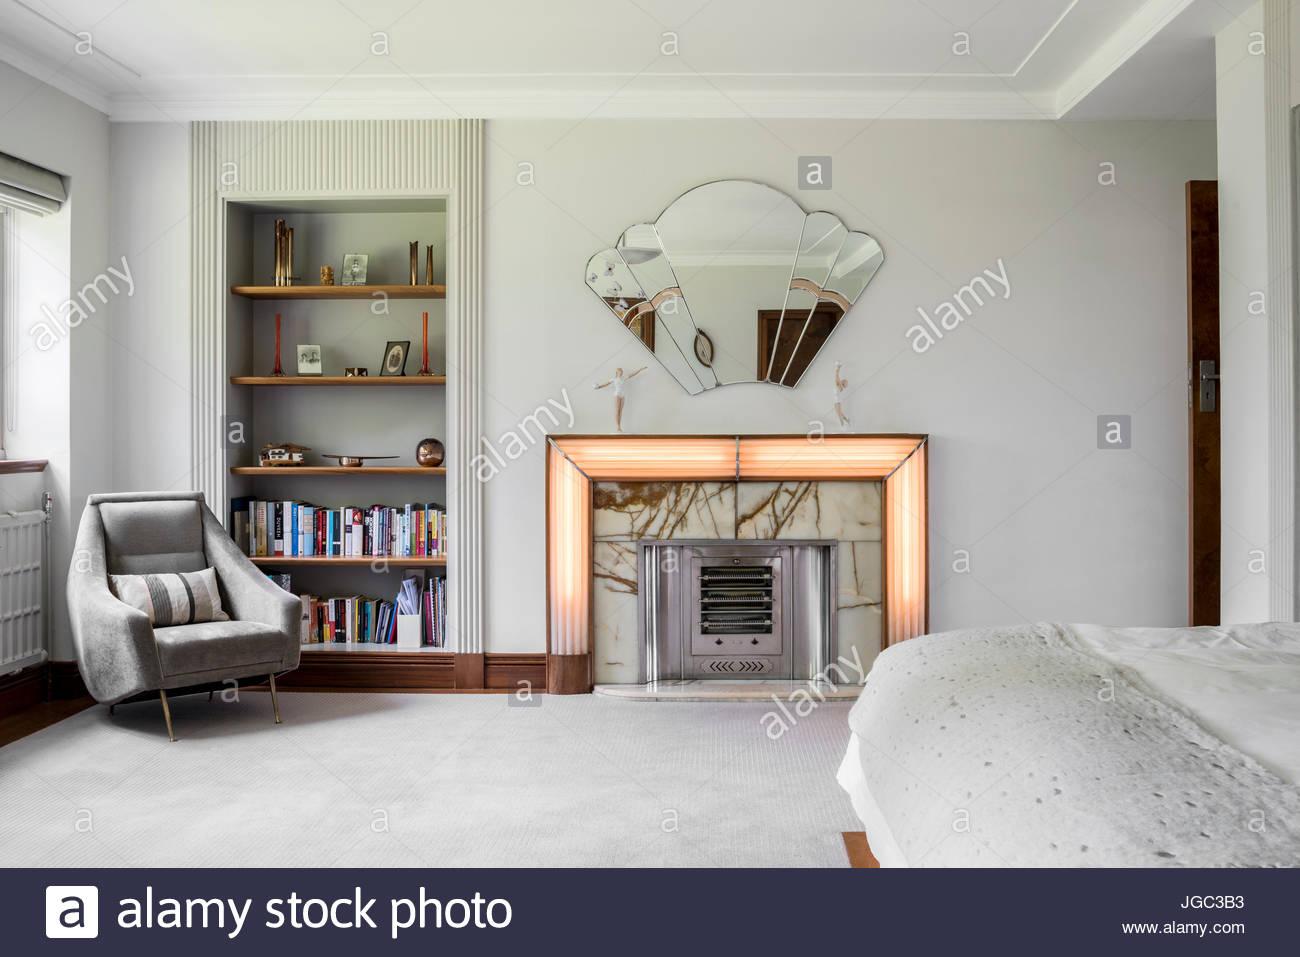 Camere Da Letto Art Deco : Grigio chiaro poltrona e scaffali accanto a art deco camino e lo